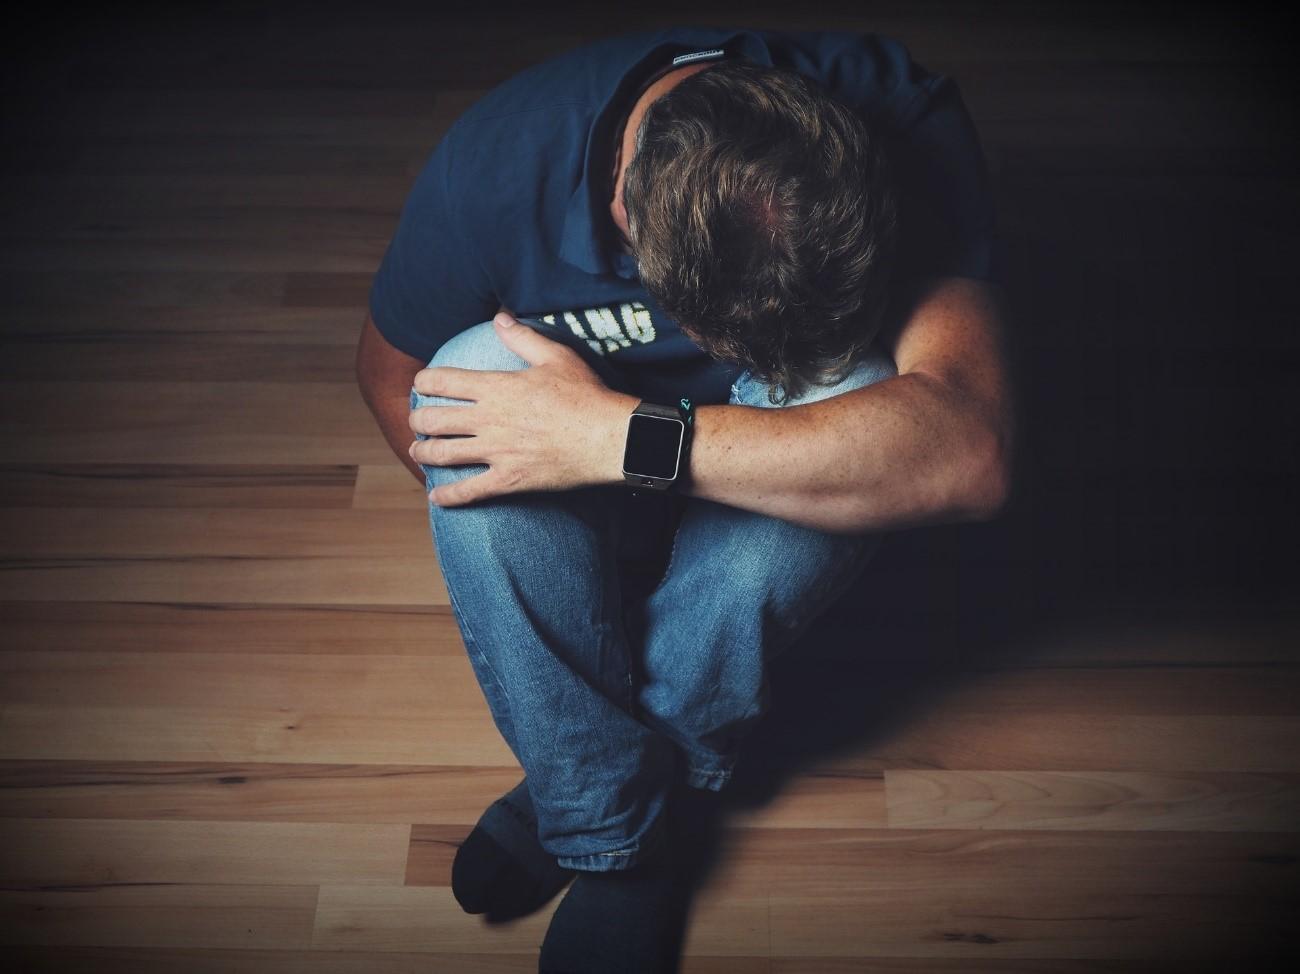 dolor de pecho por ansiedad malestar síntoma